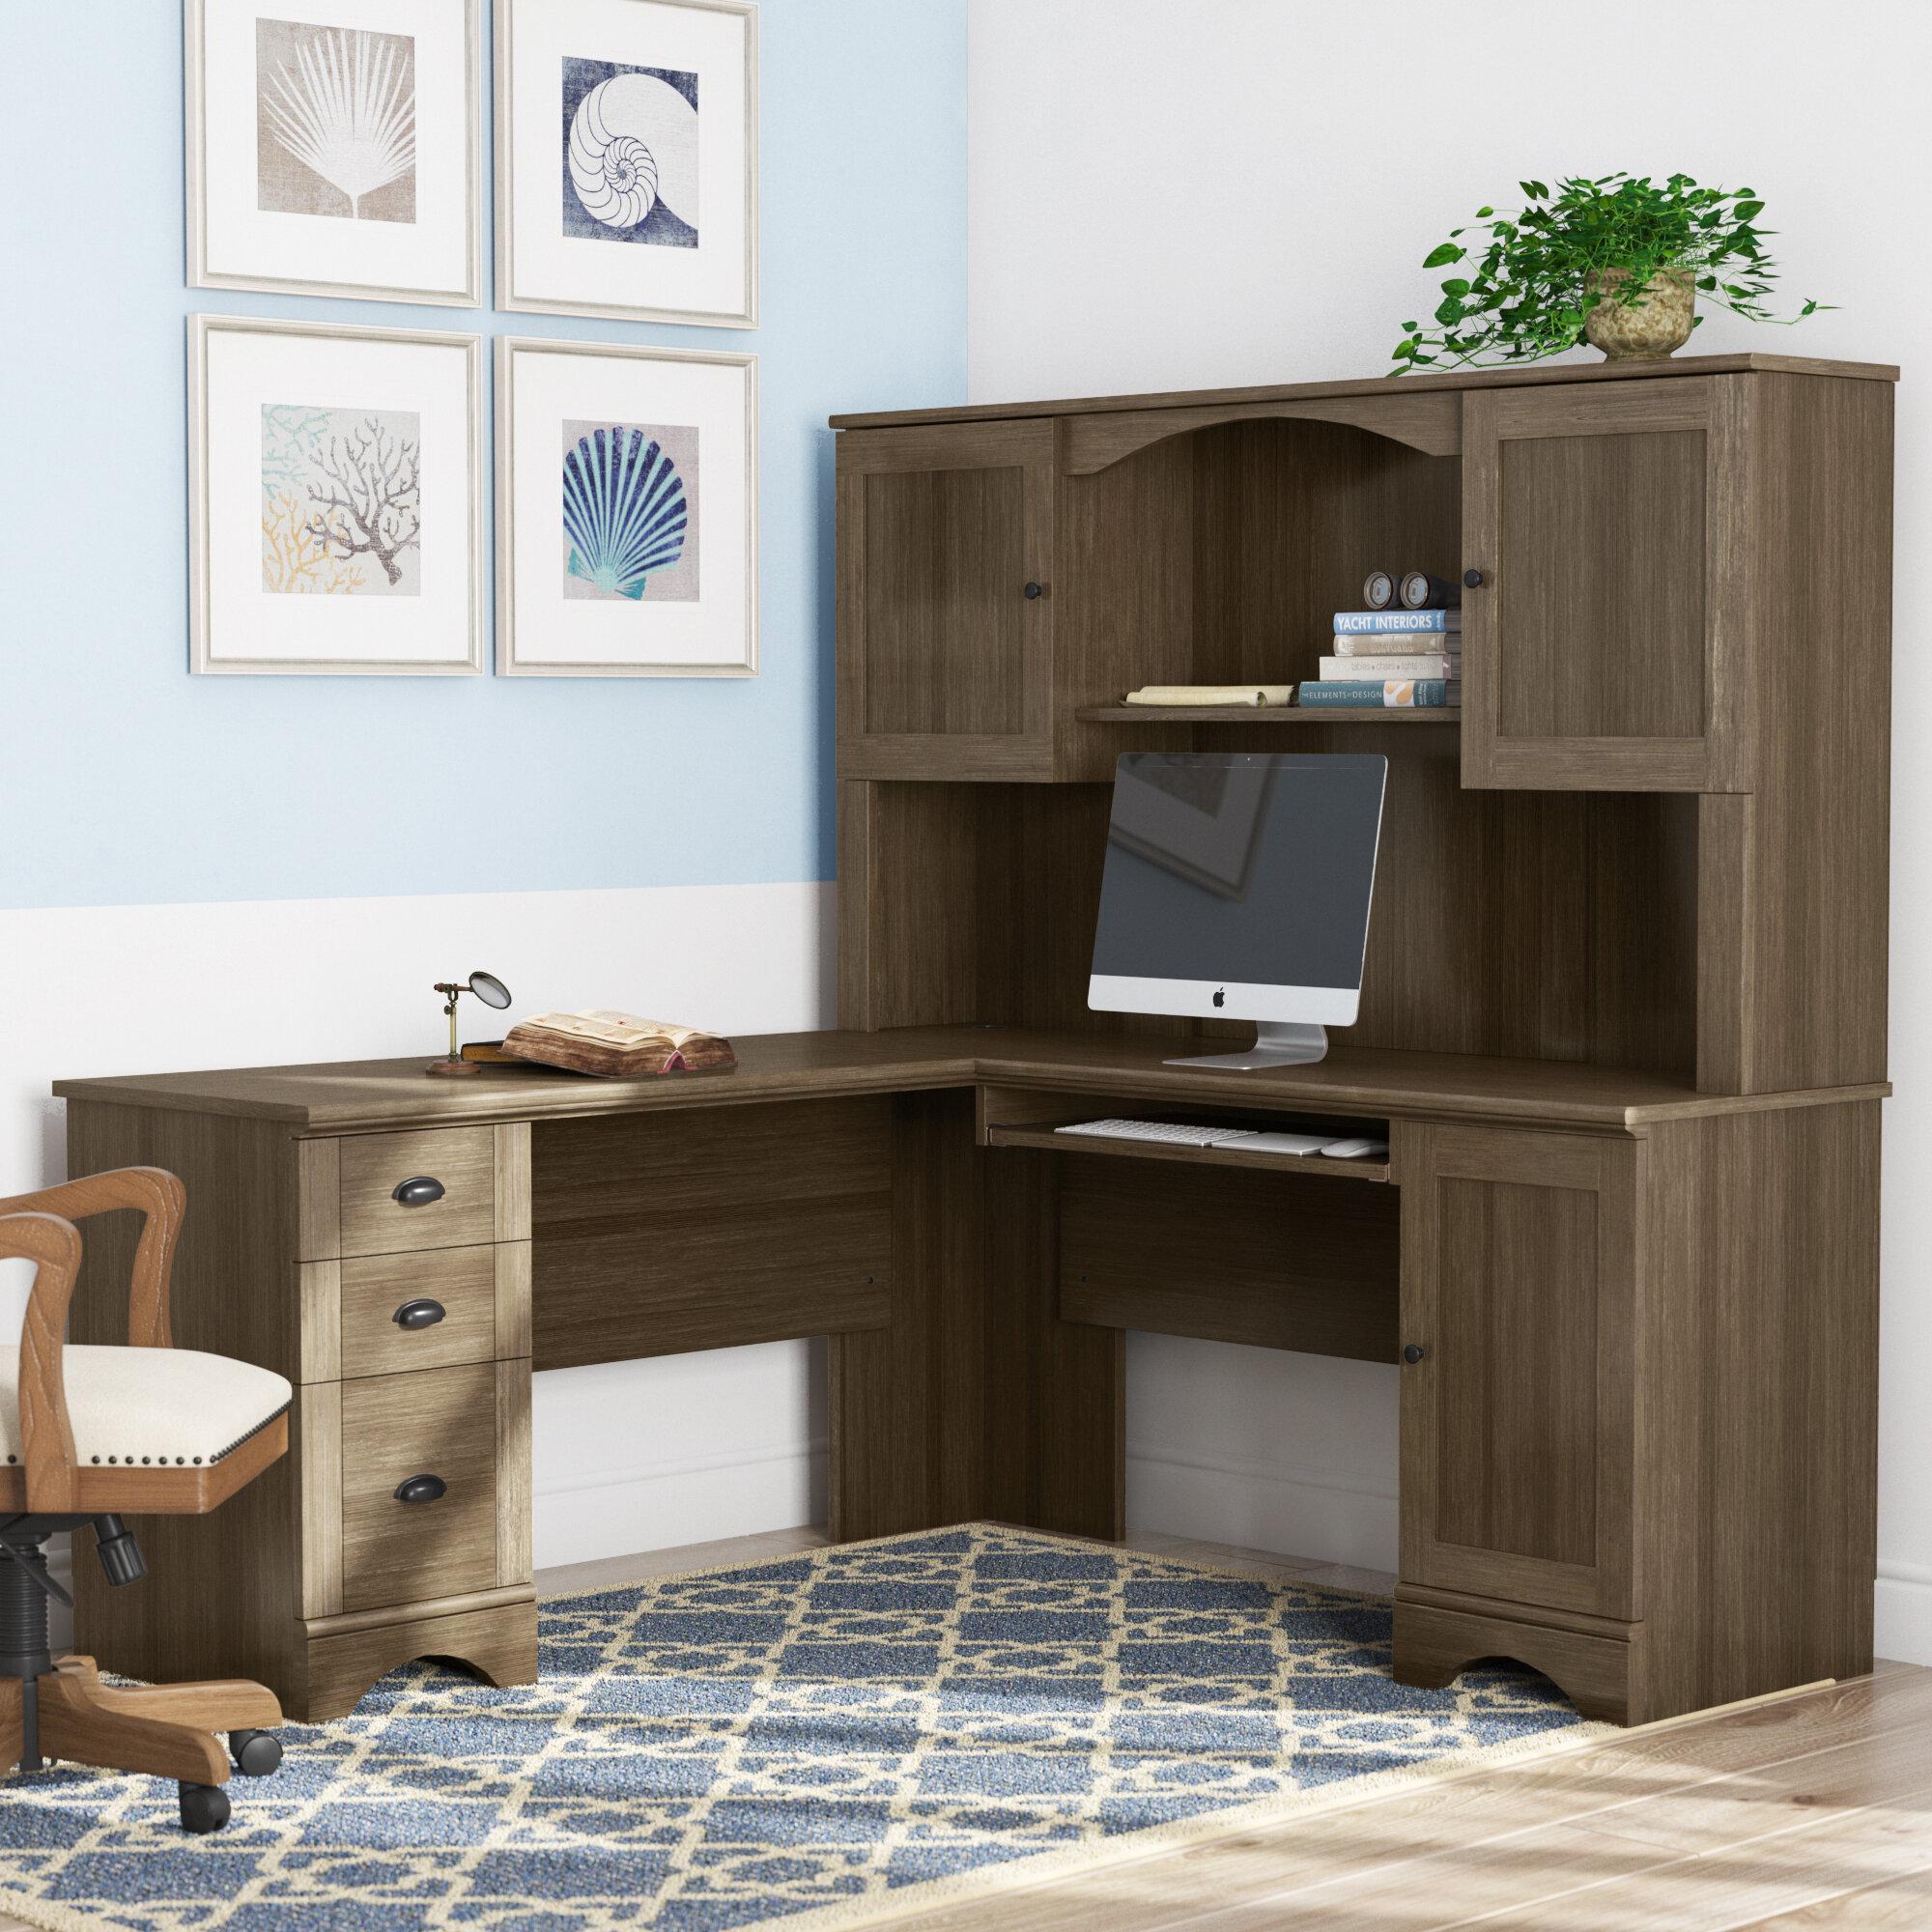 Beachcrest Home Pinellas Reversible L Shape Computer Desk